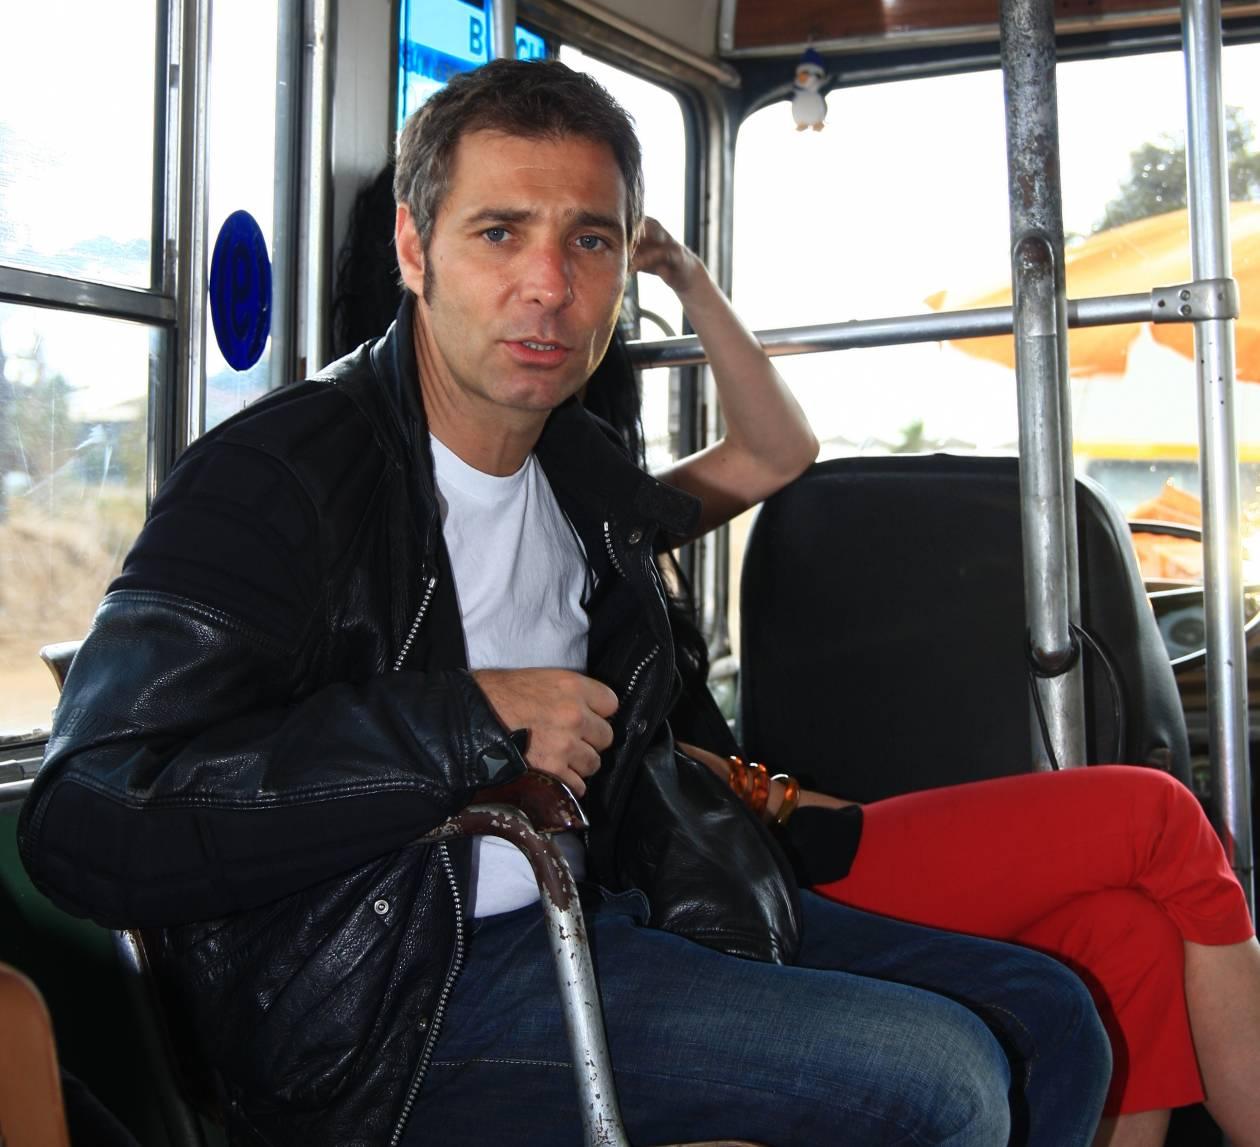 Θ. Αθερίδης: Συγκλονιστική τραγωδία ο «Ηρακλής μαινόμενος»